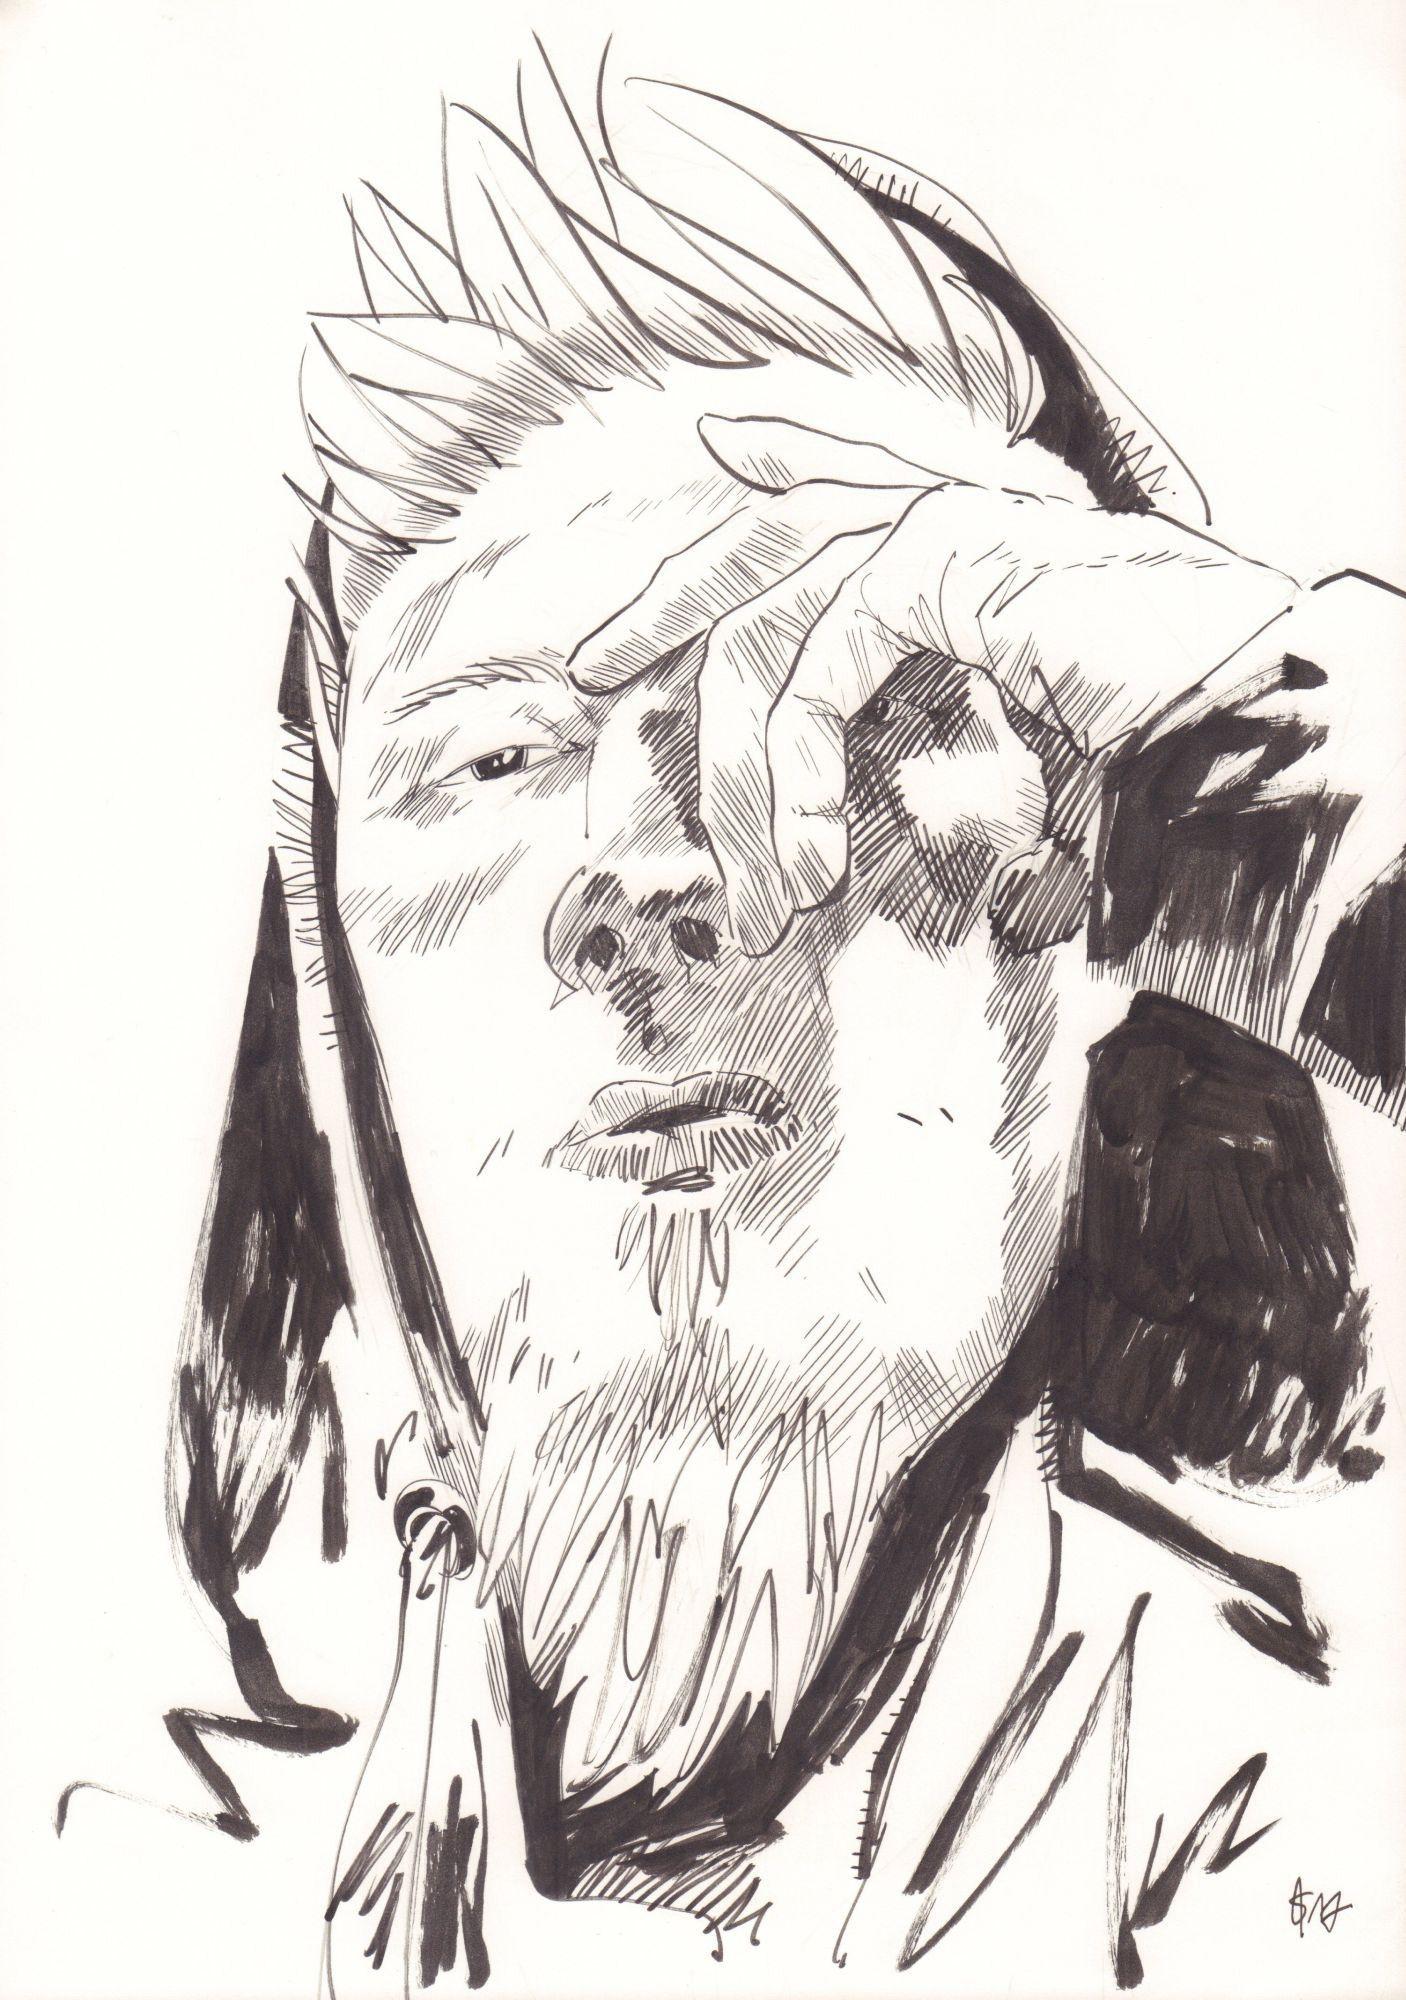 Osiedle Swoboda #1 - Portret Smutnego - fragment okładki